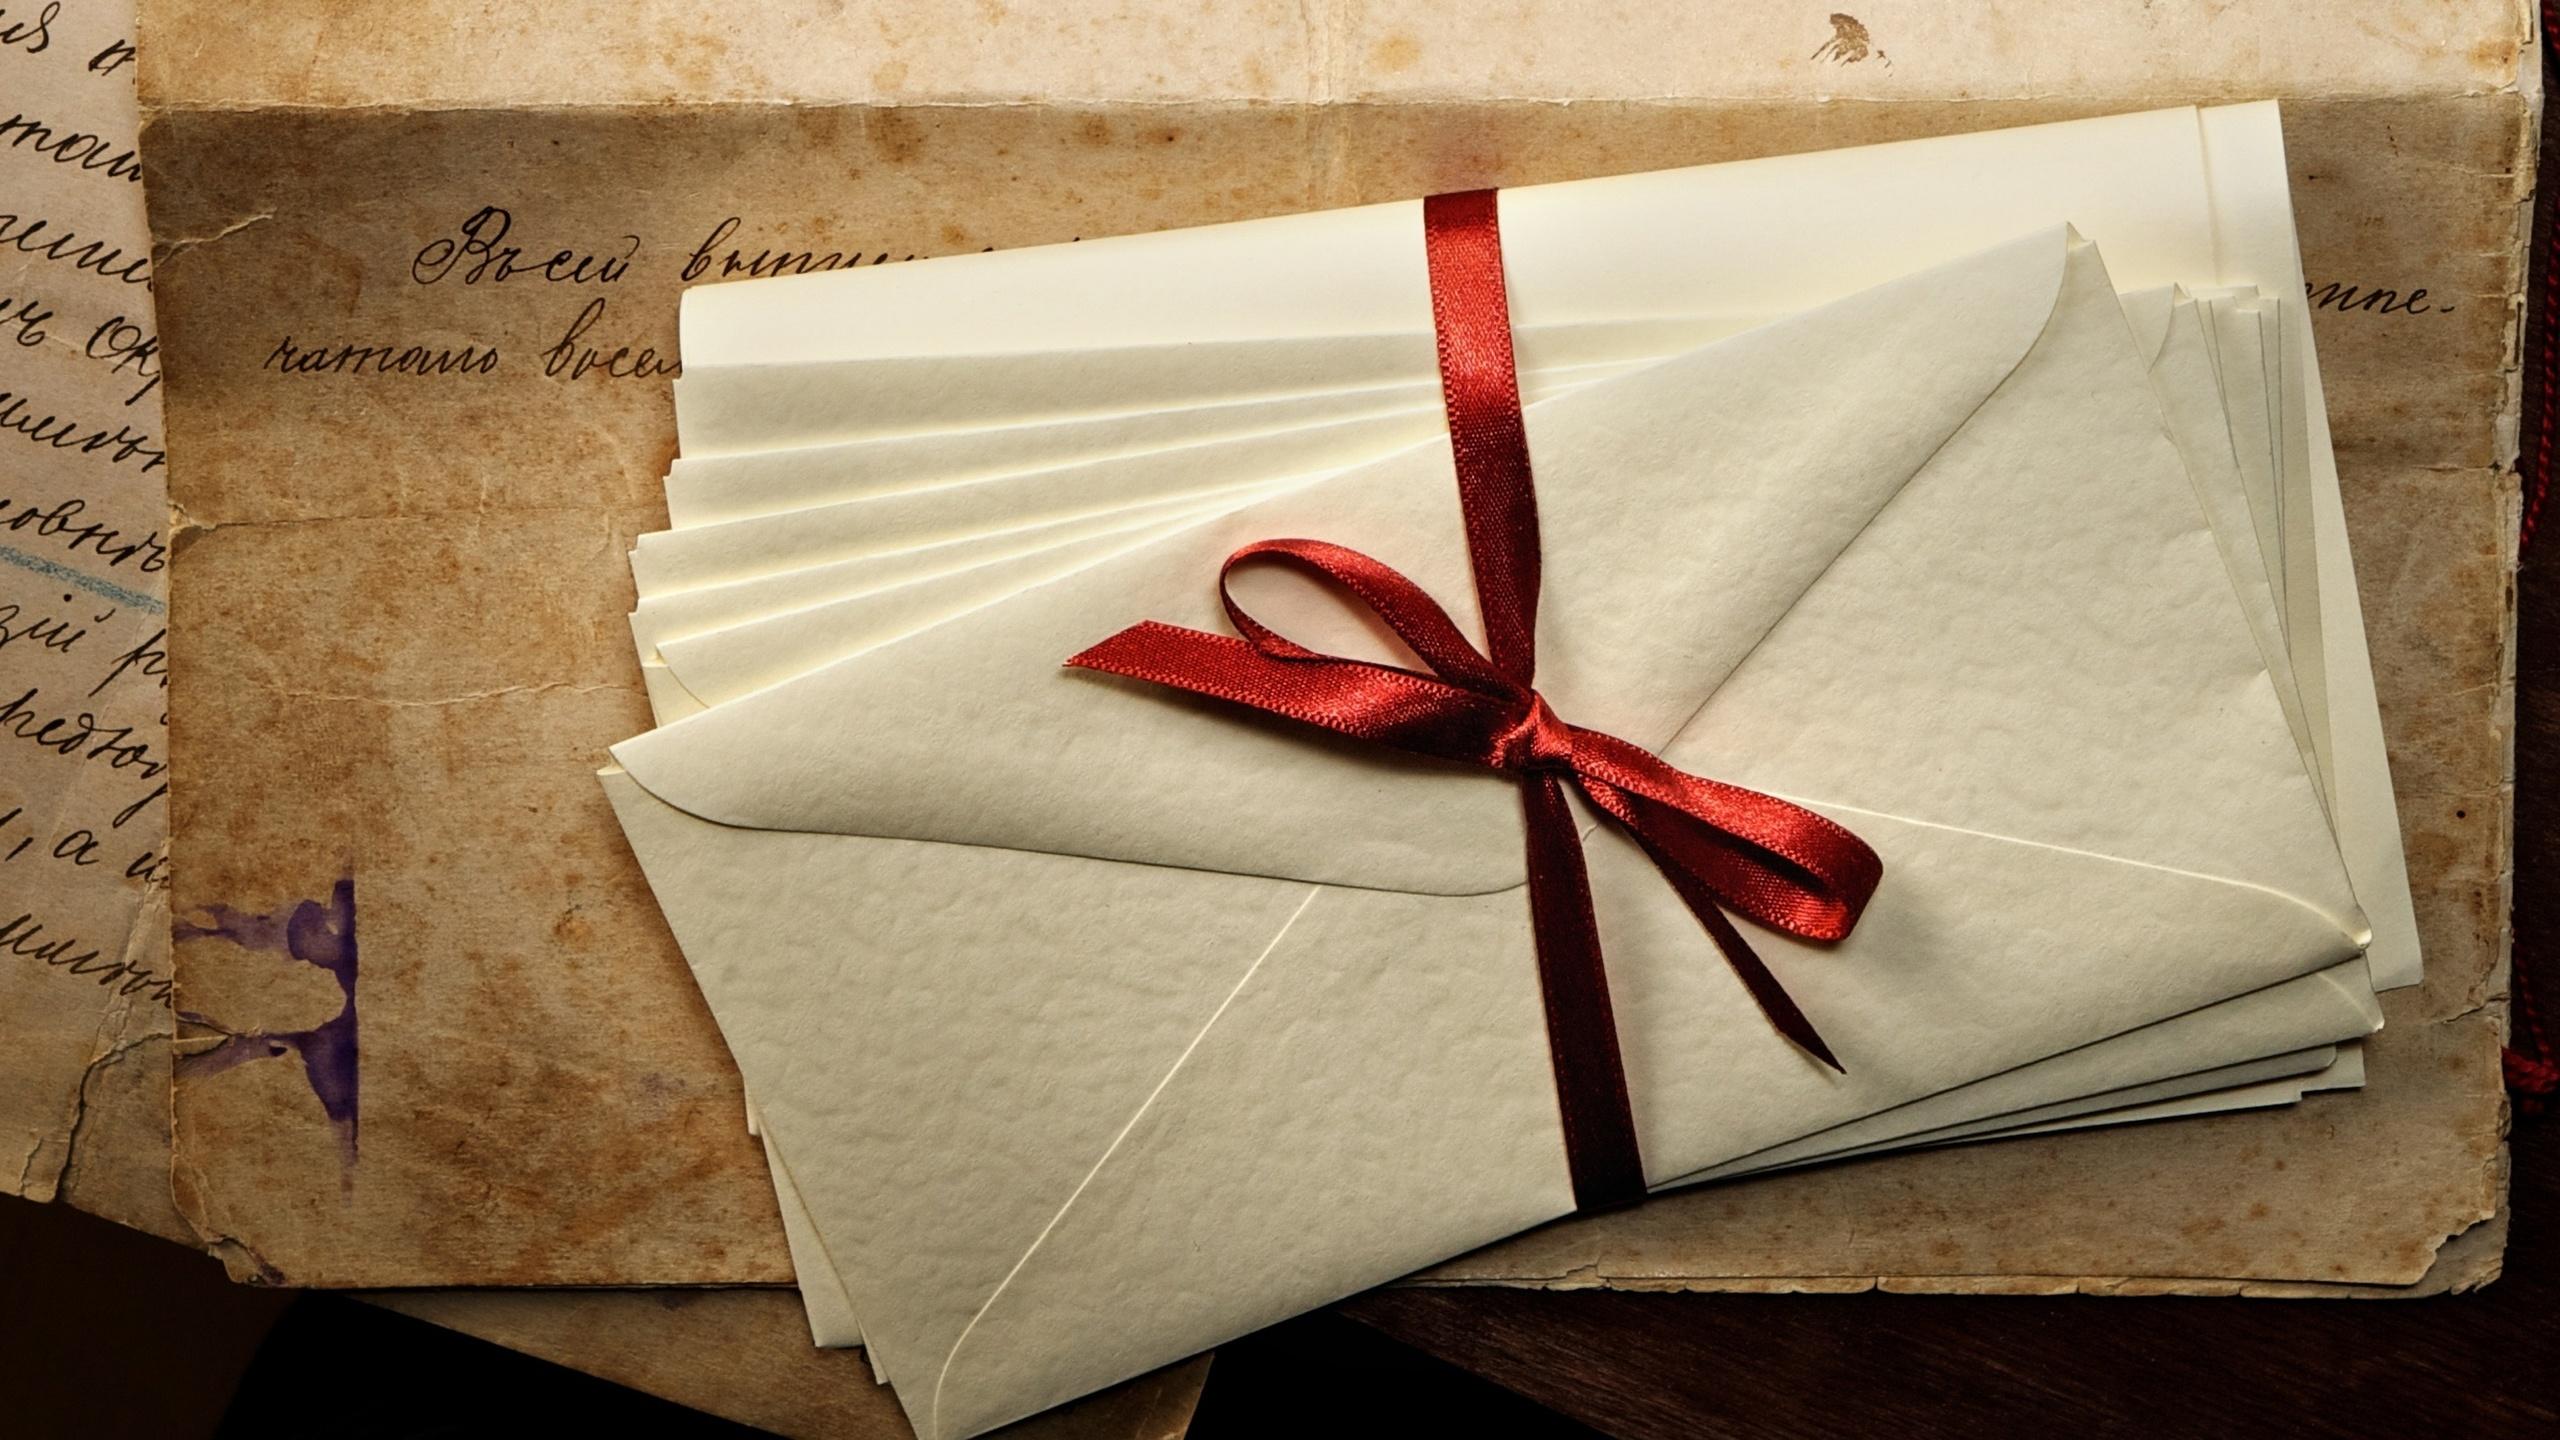 Старинные письма картинки, открытка марта видео